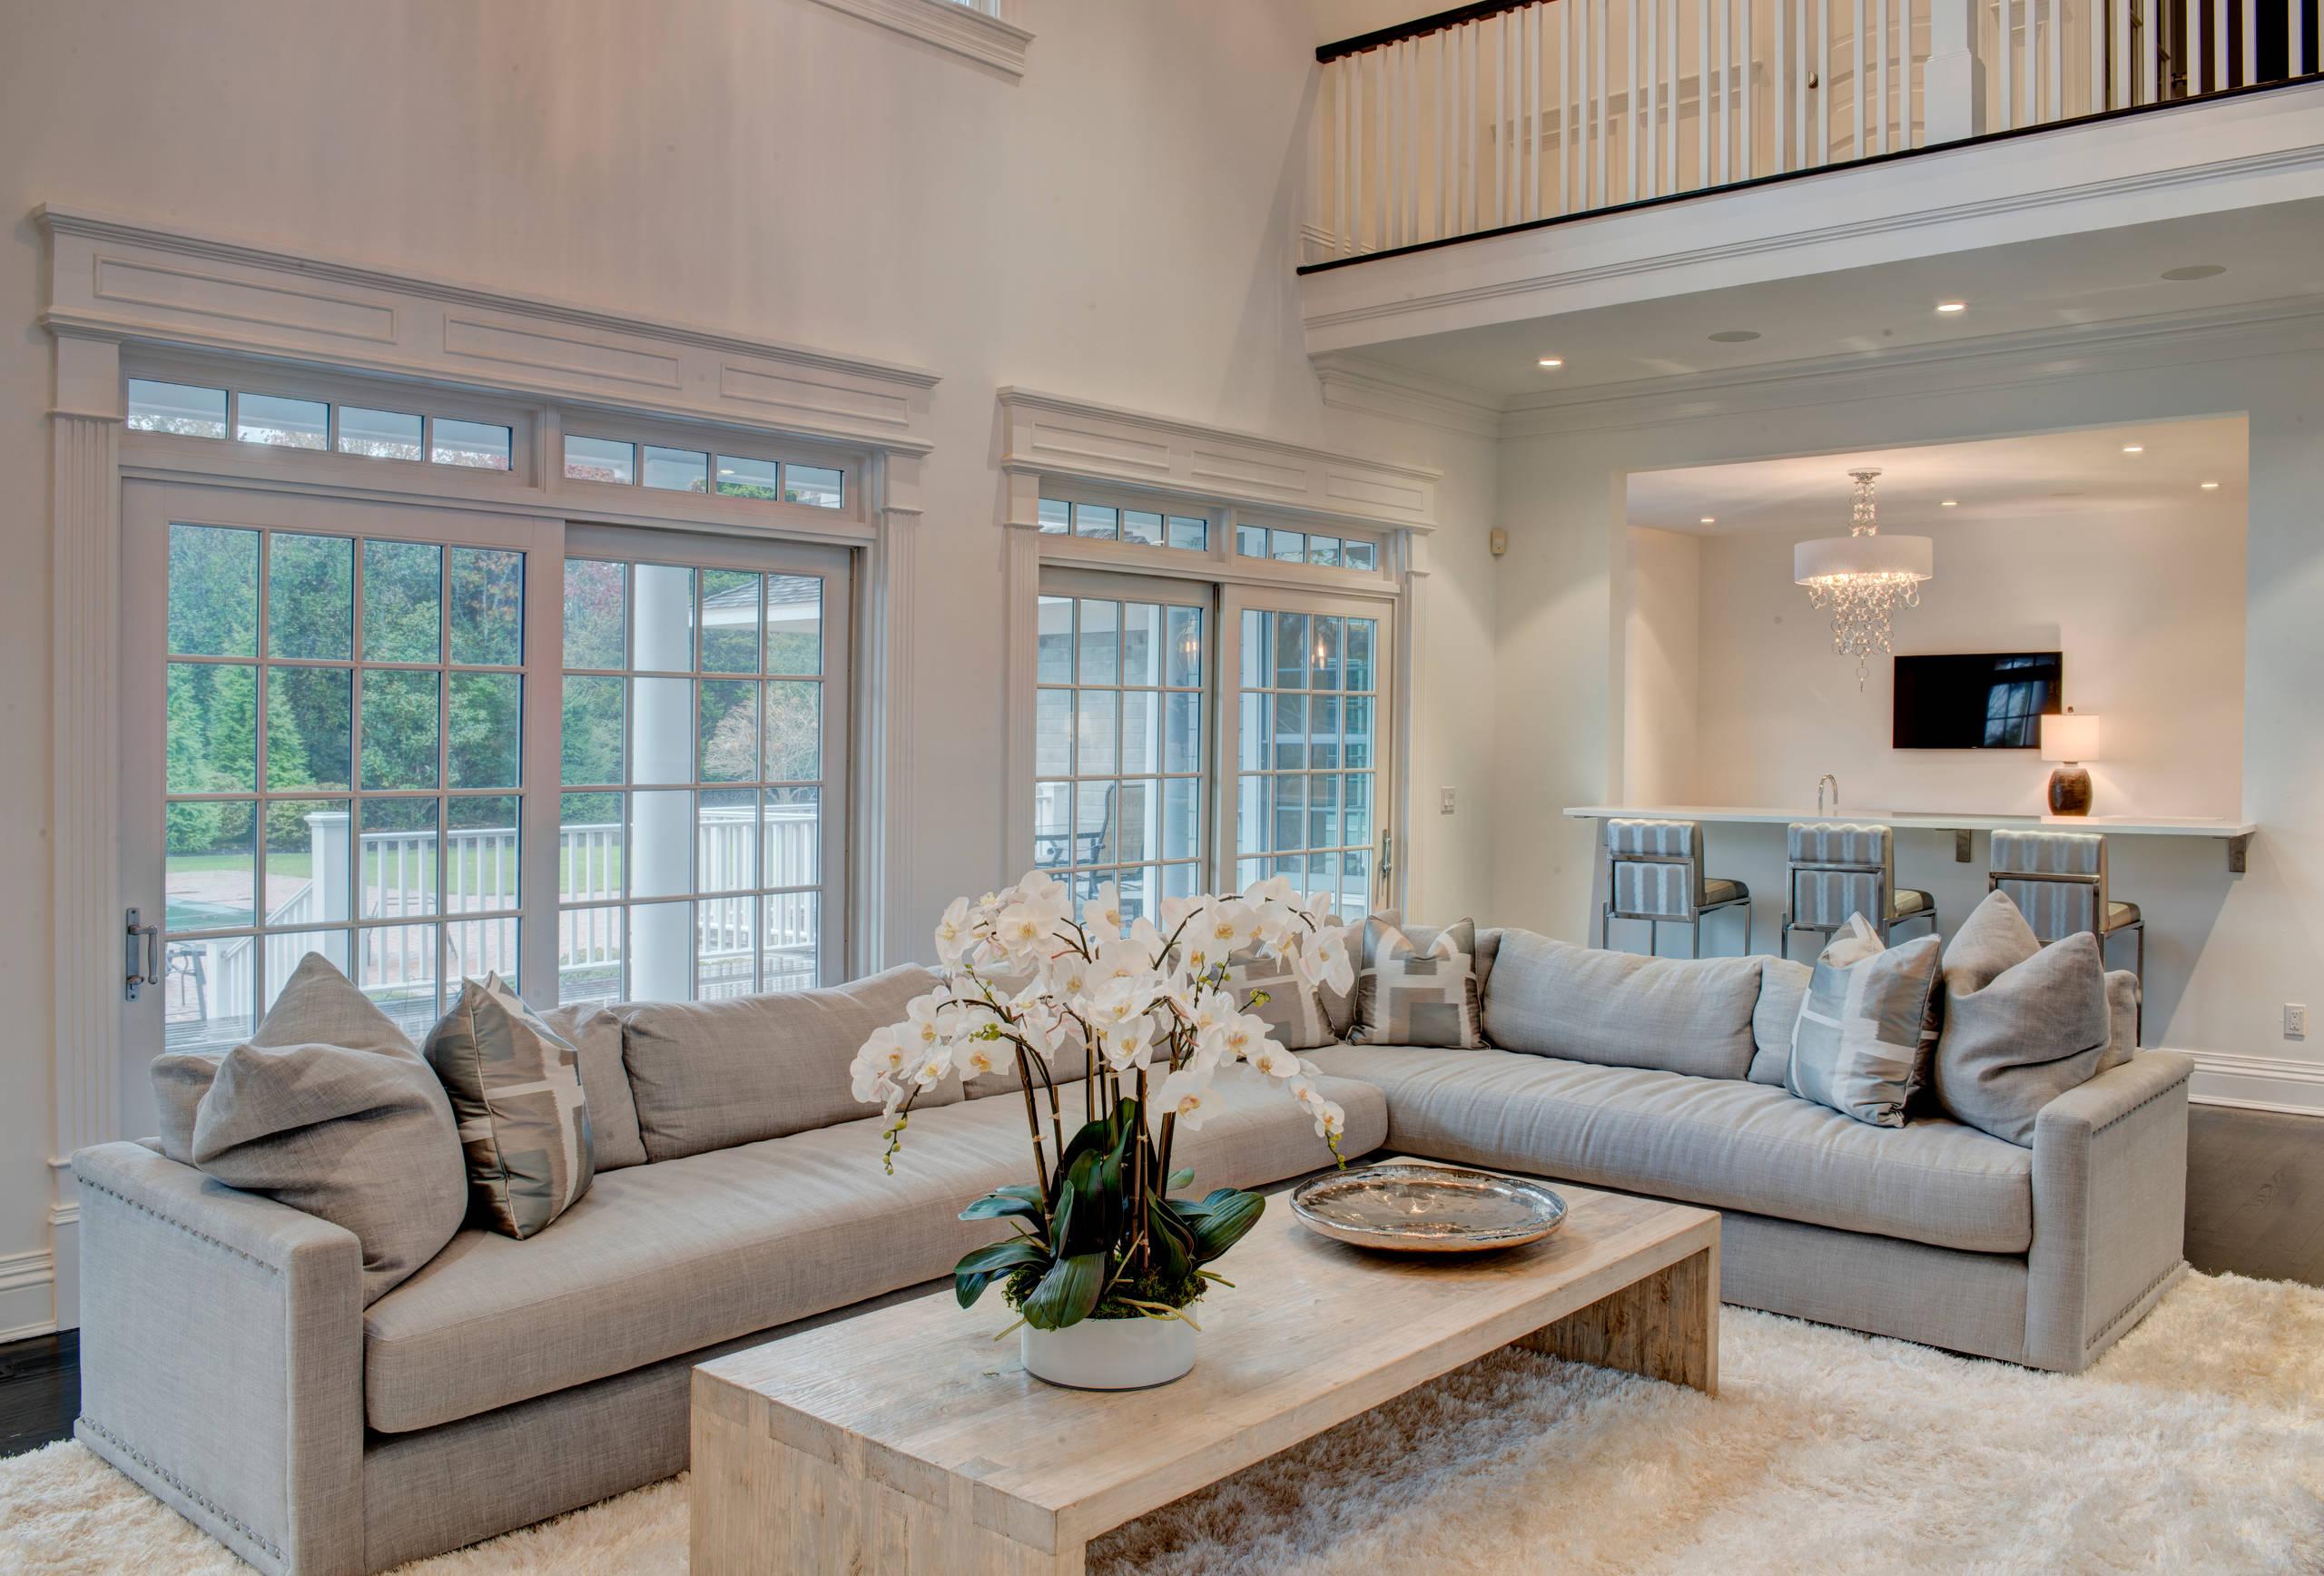 High Ceiling Living Room Ideas Photos Houzz